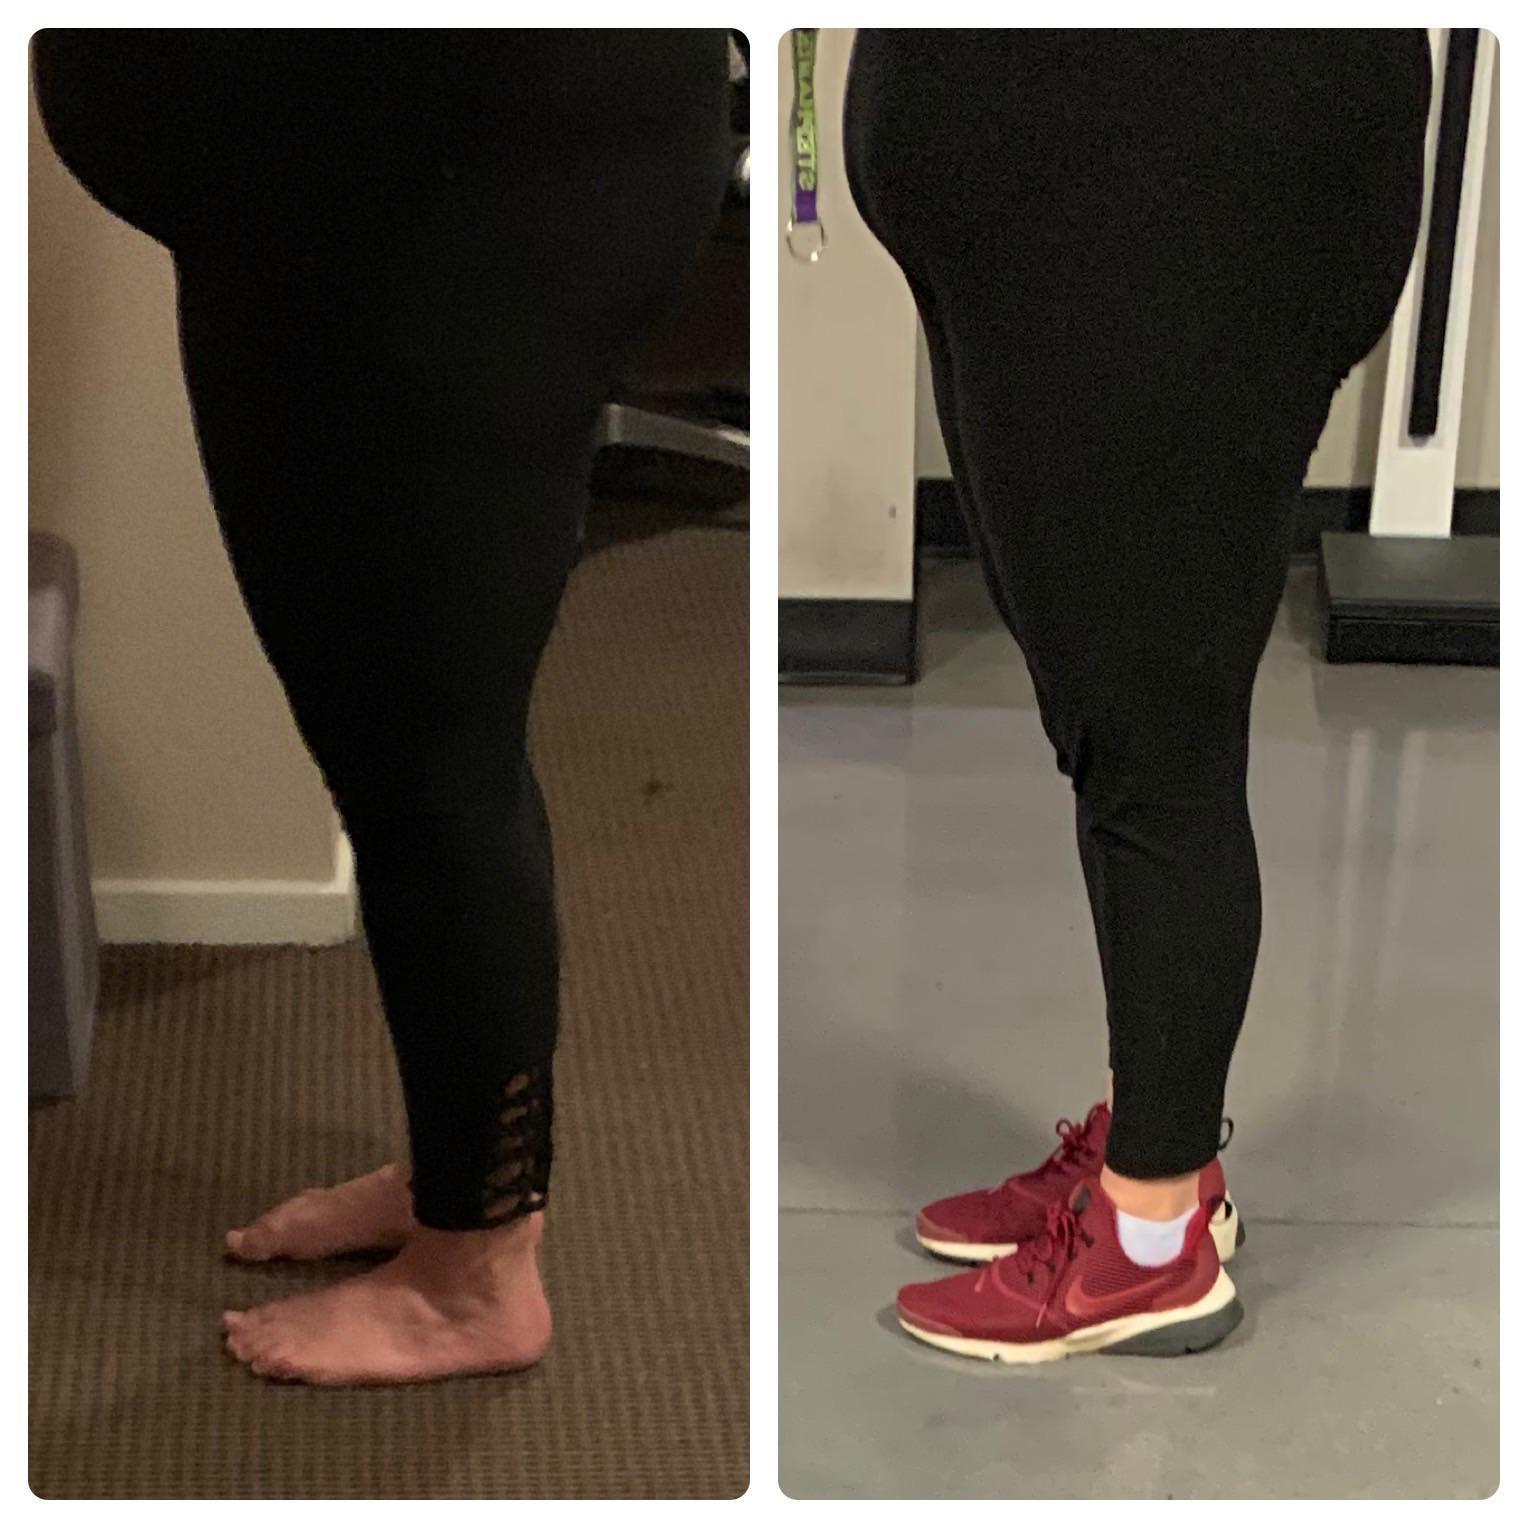 44 lbs Weight Loss 5 feet 7 Female 280 lbs to 236 lbs